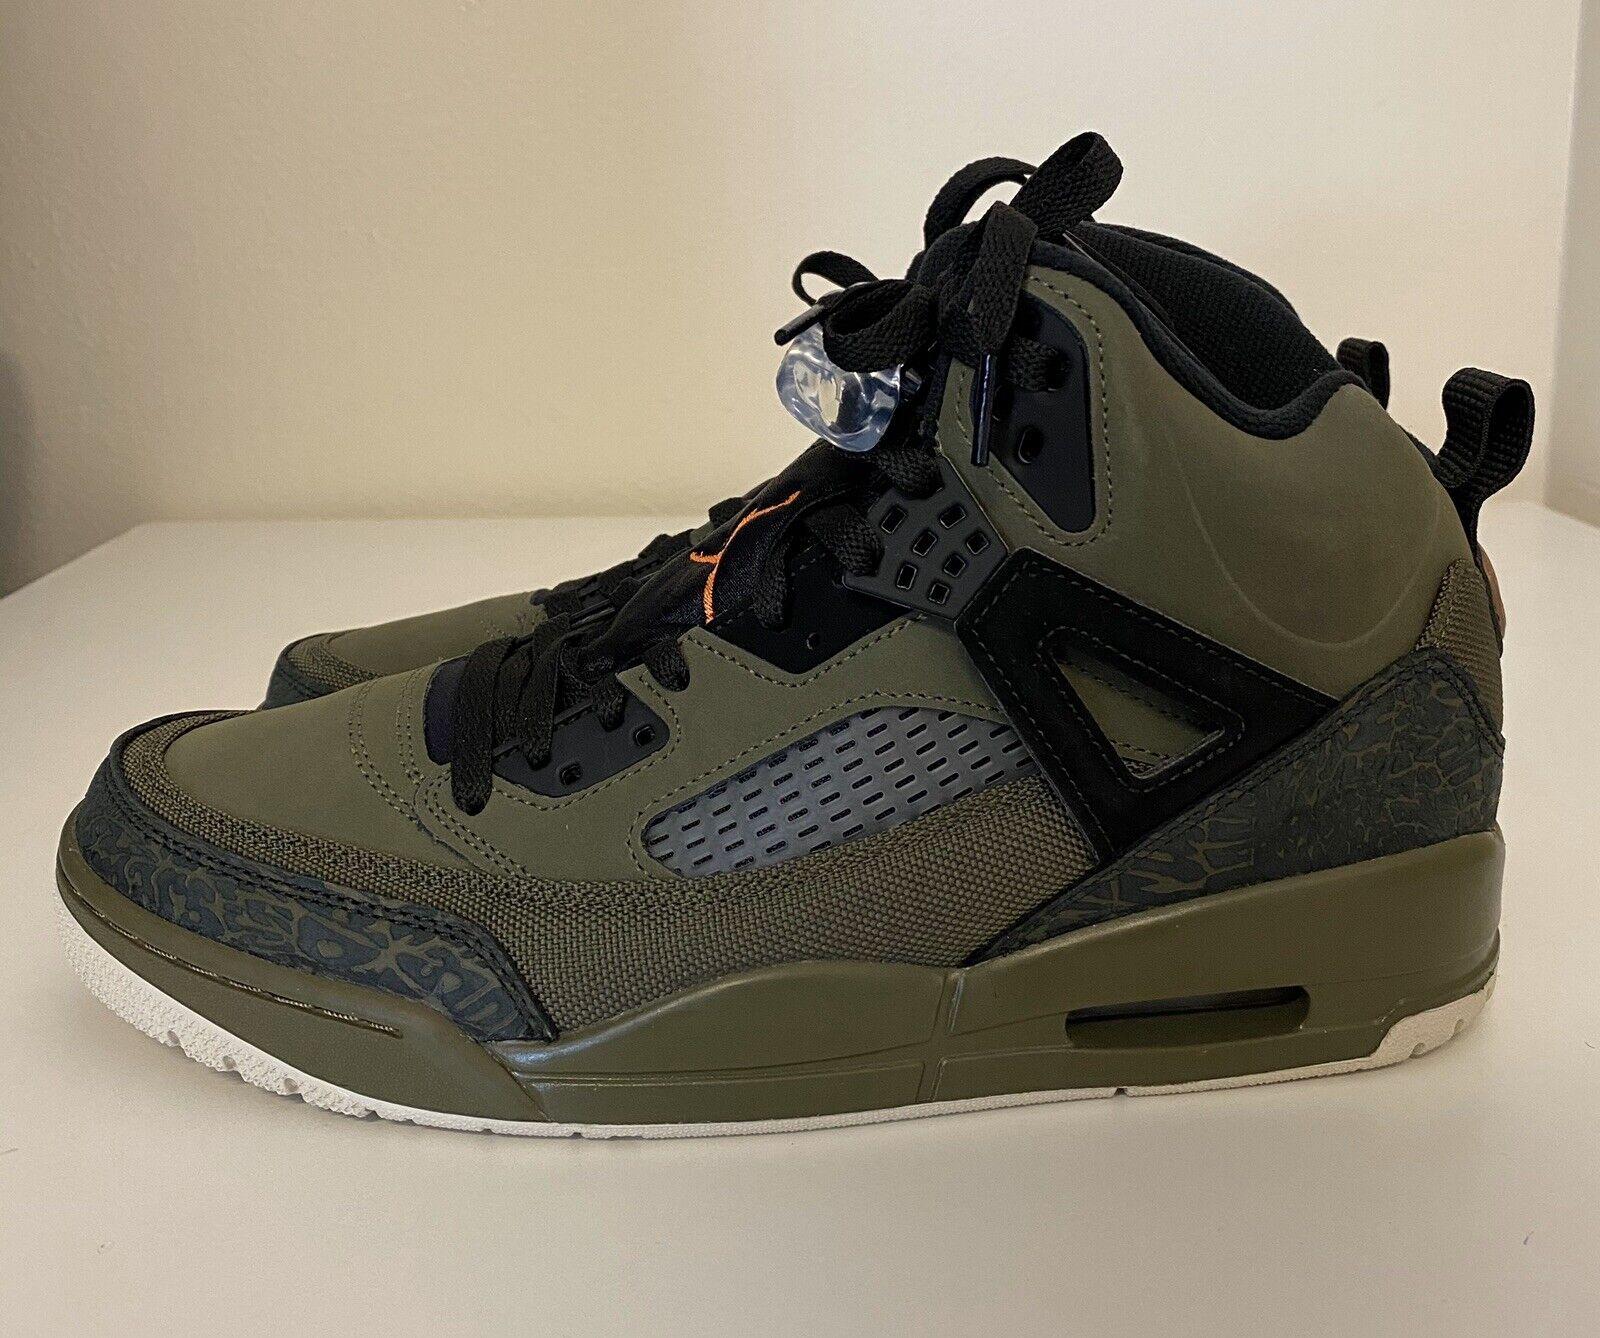 Mens Nike Jordan Spizike Shoes Size 11